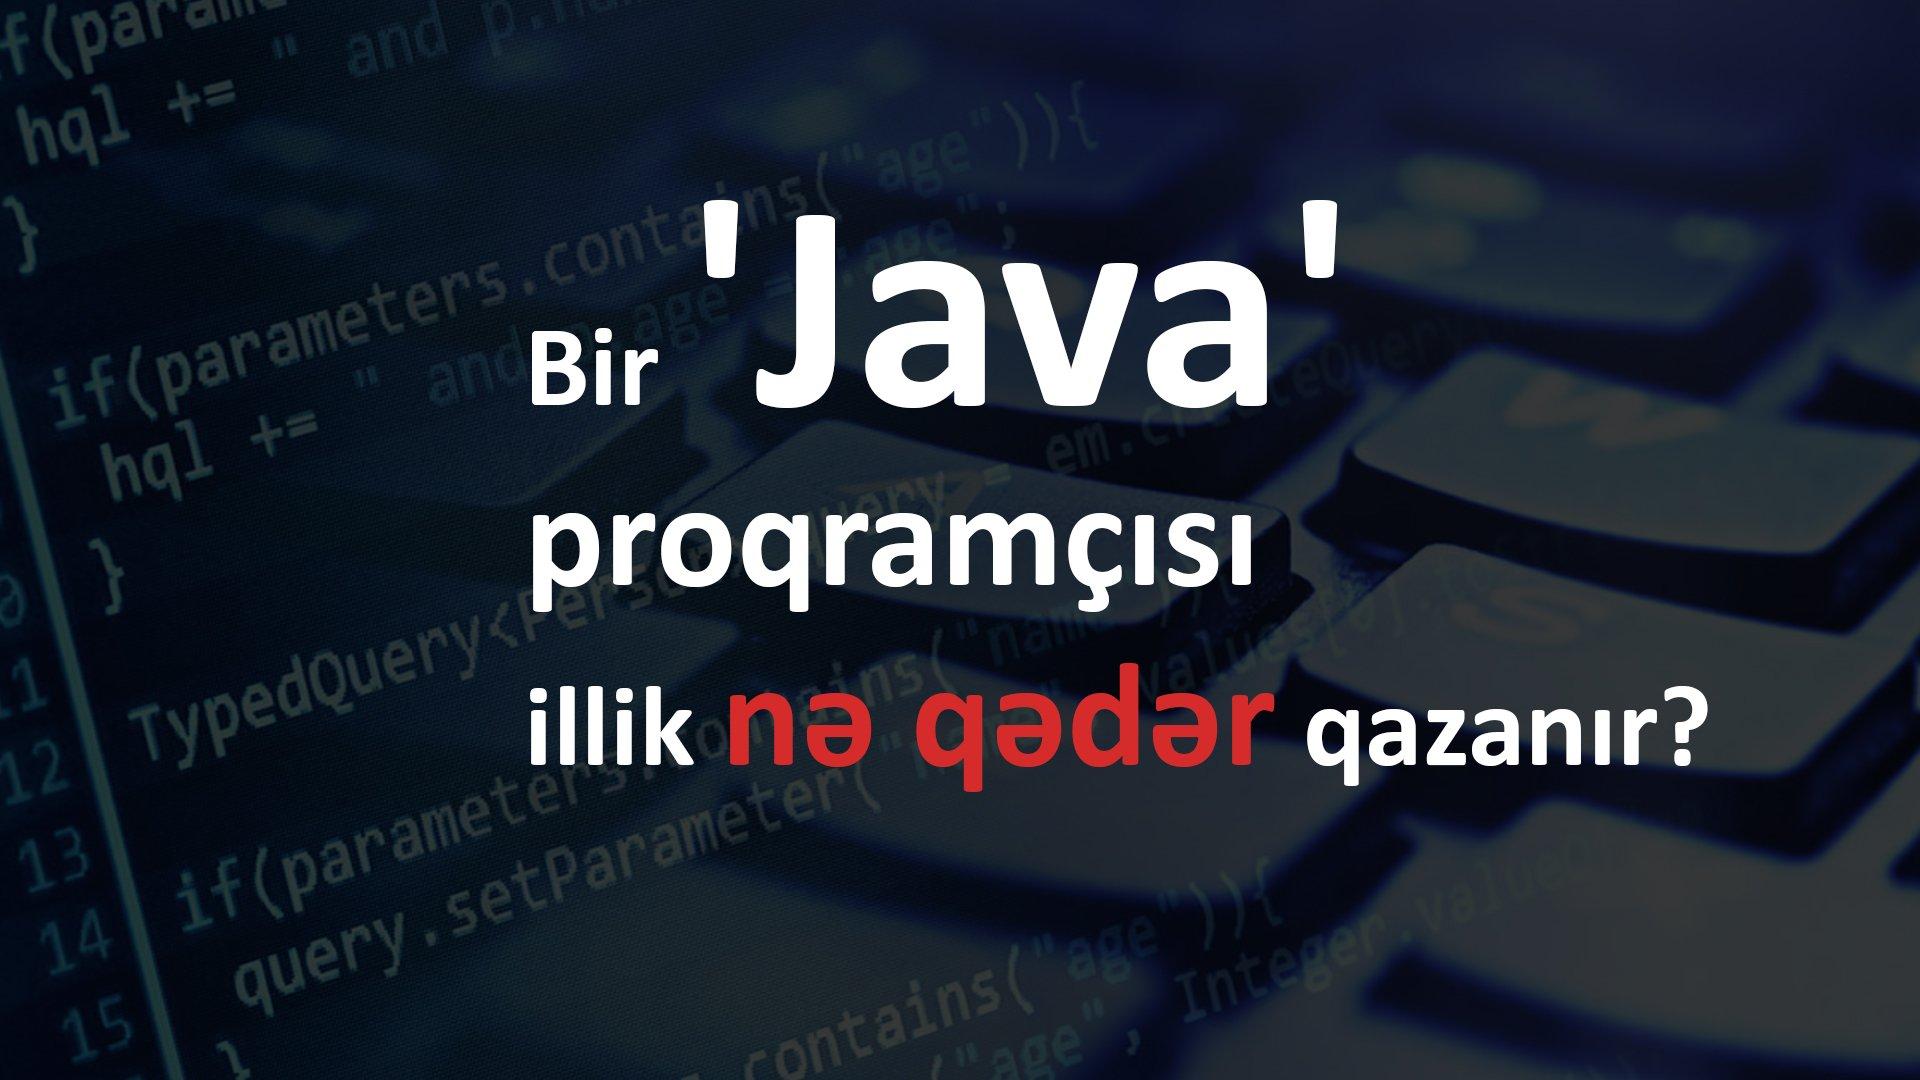 Bir 'Java' proqramçısı illik nə qədər qazanır?  Necə 'Java' proqramçısı ola bilərəm?